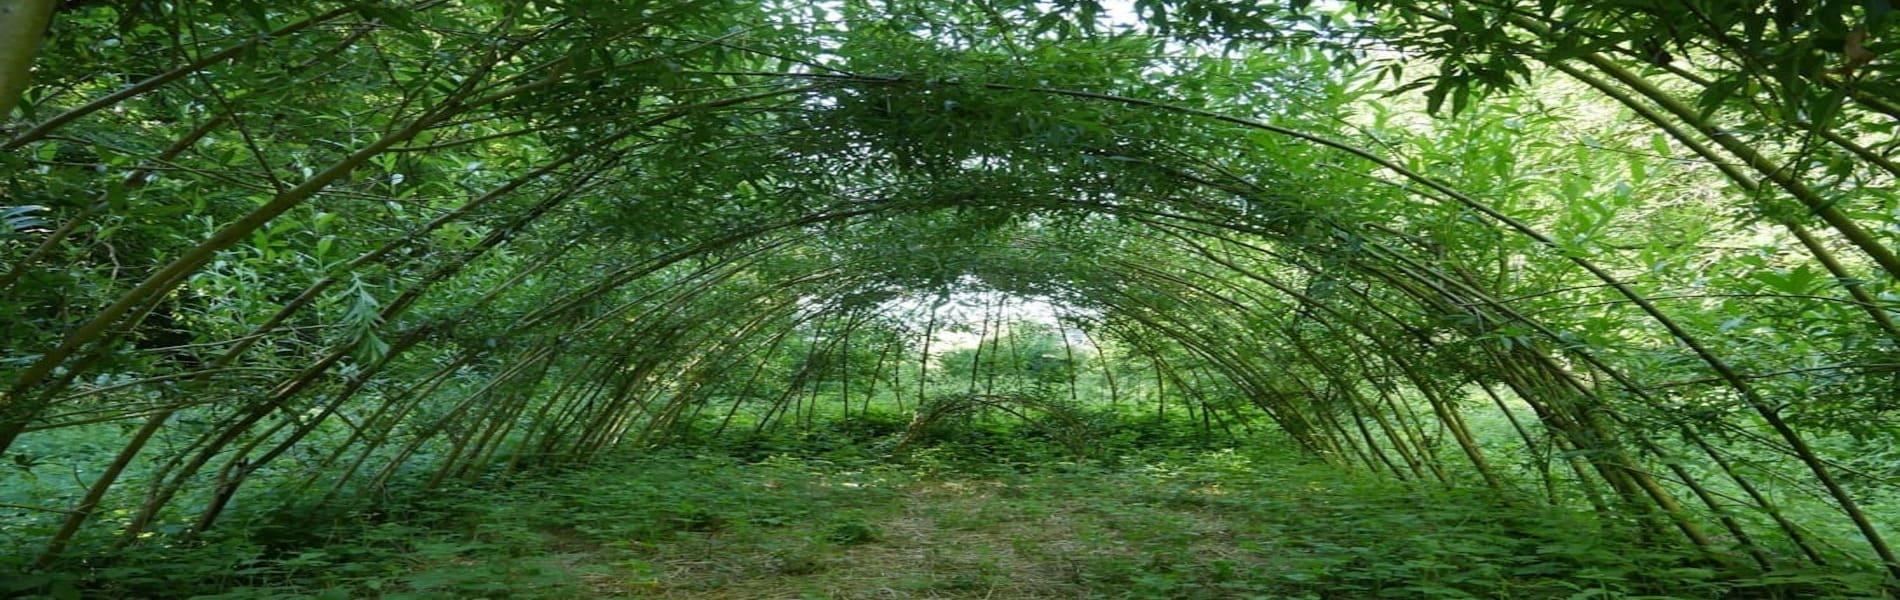 Notre projet de forêt-jardin pédagogique